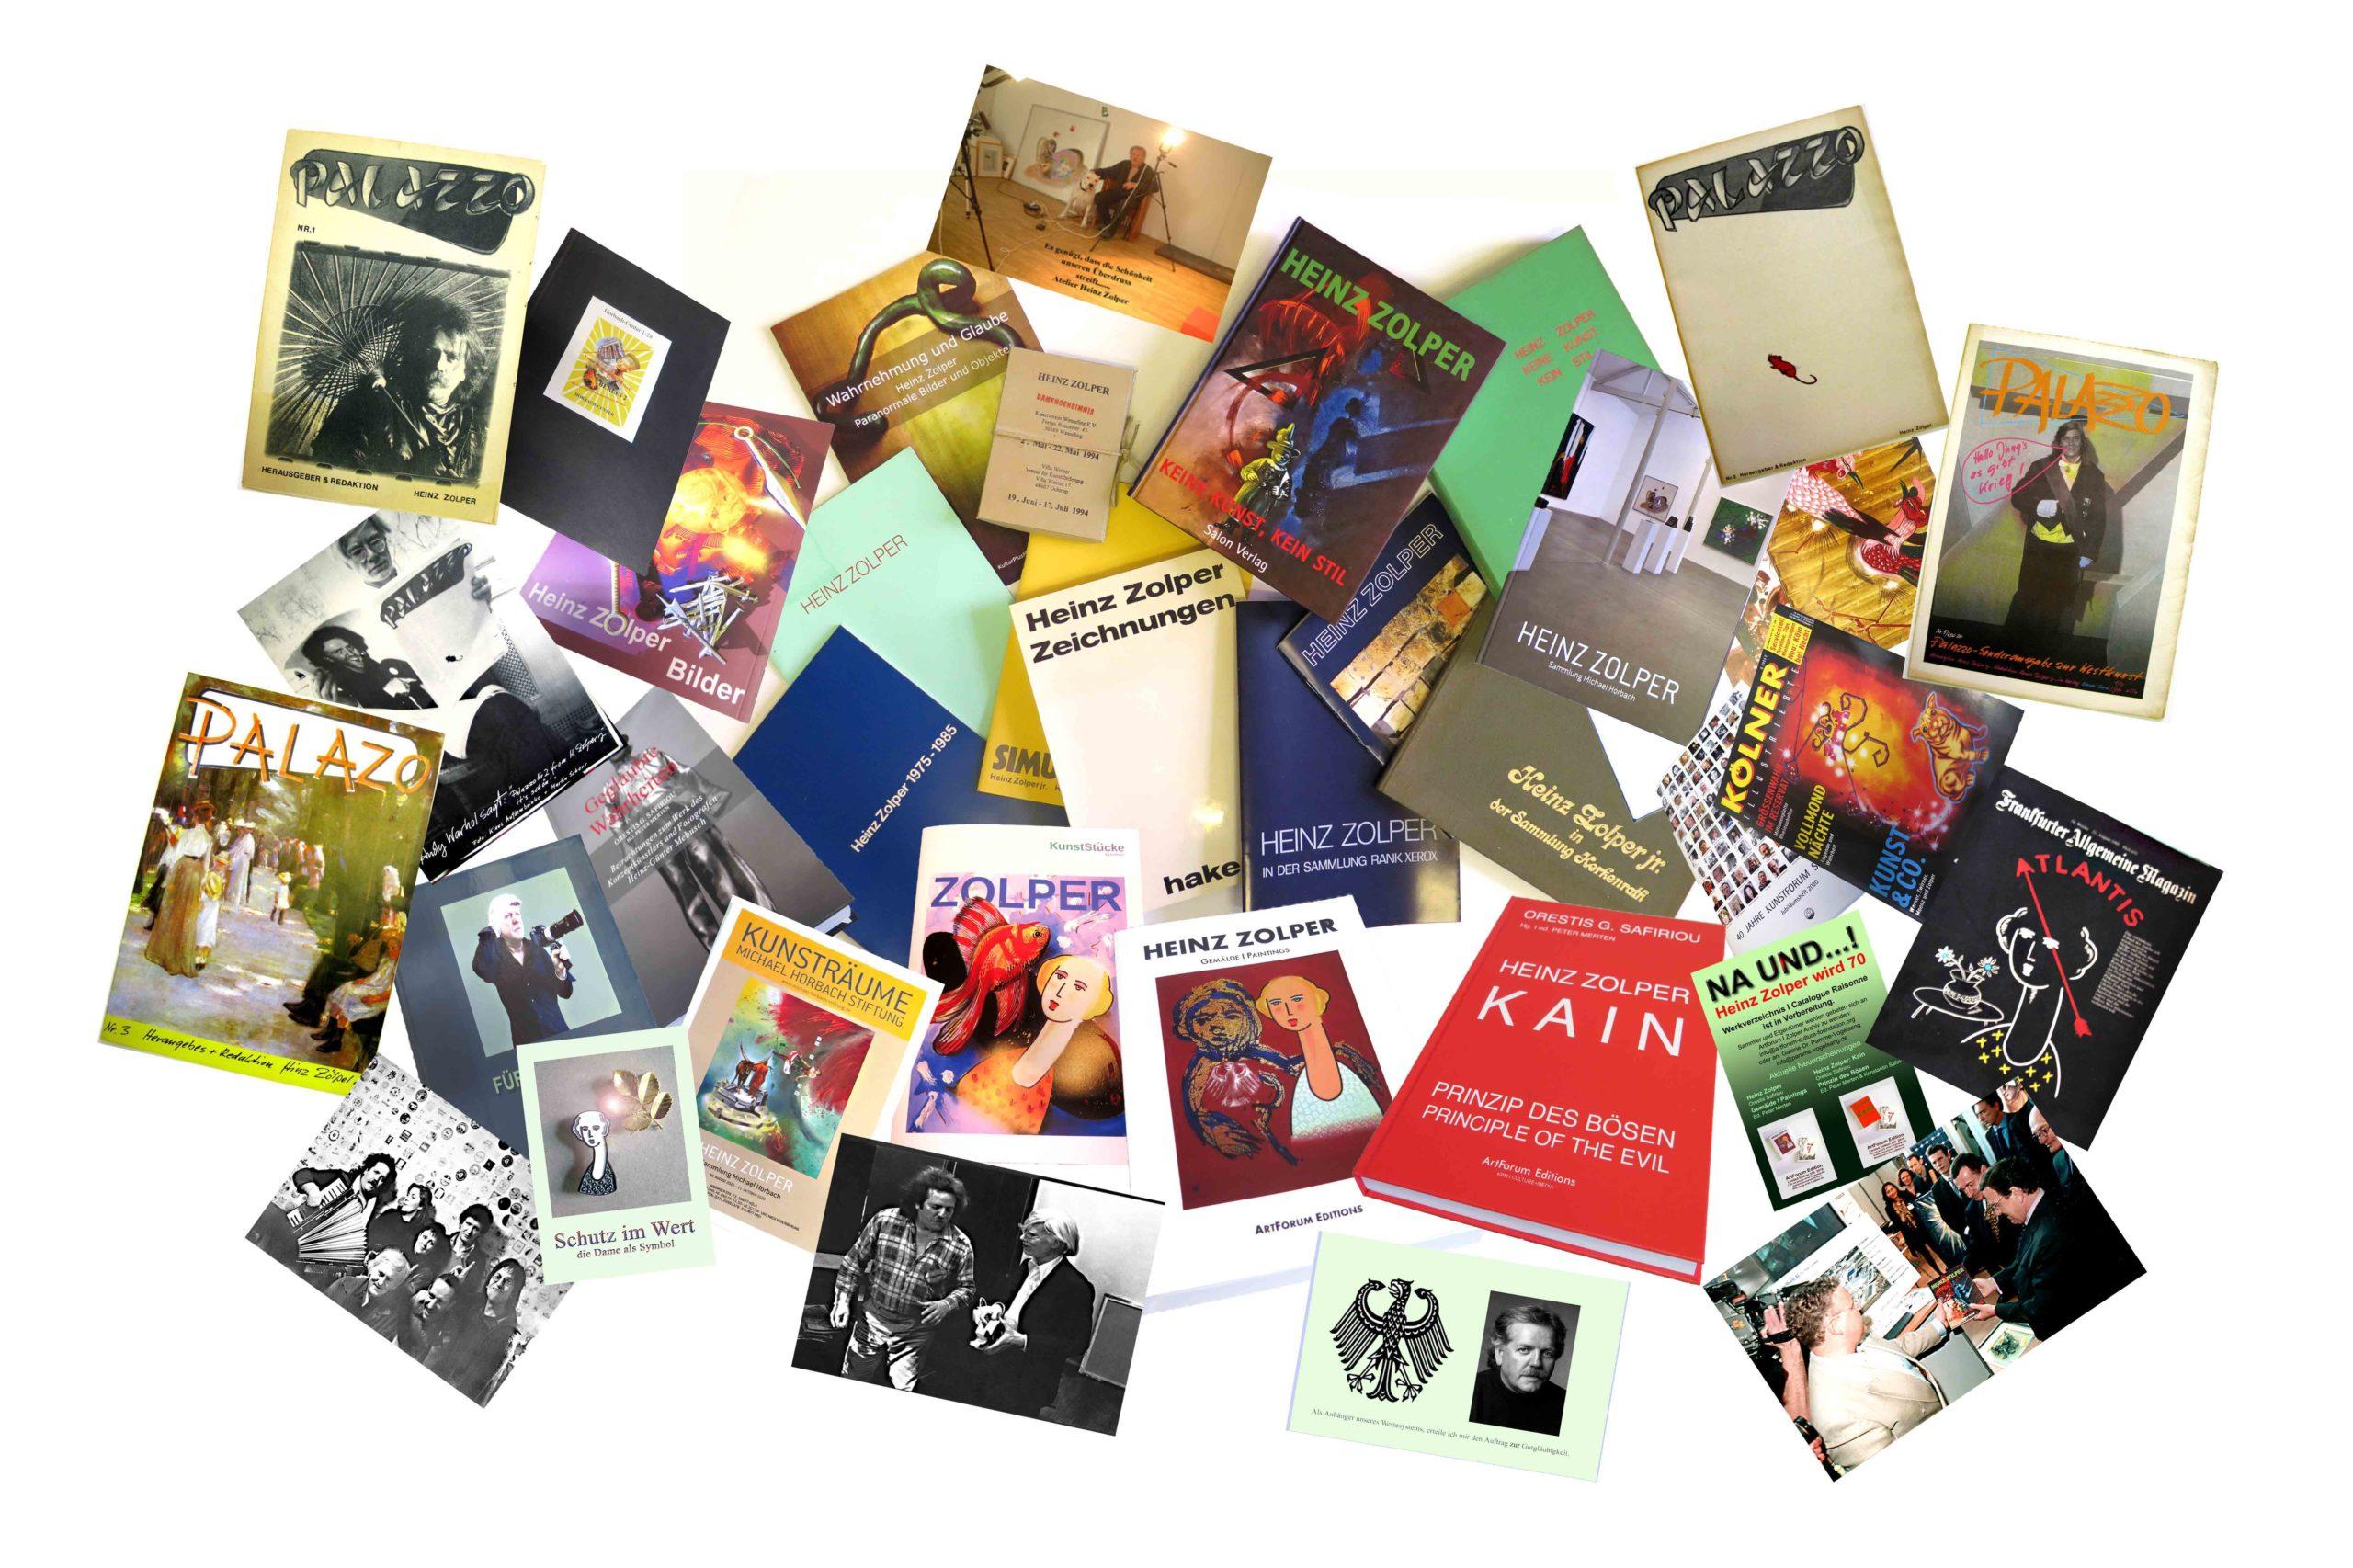 ZOLPER - Vita. Literaturauswahl >Artforum Zolper Archiv